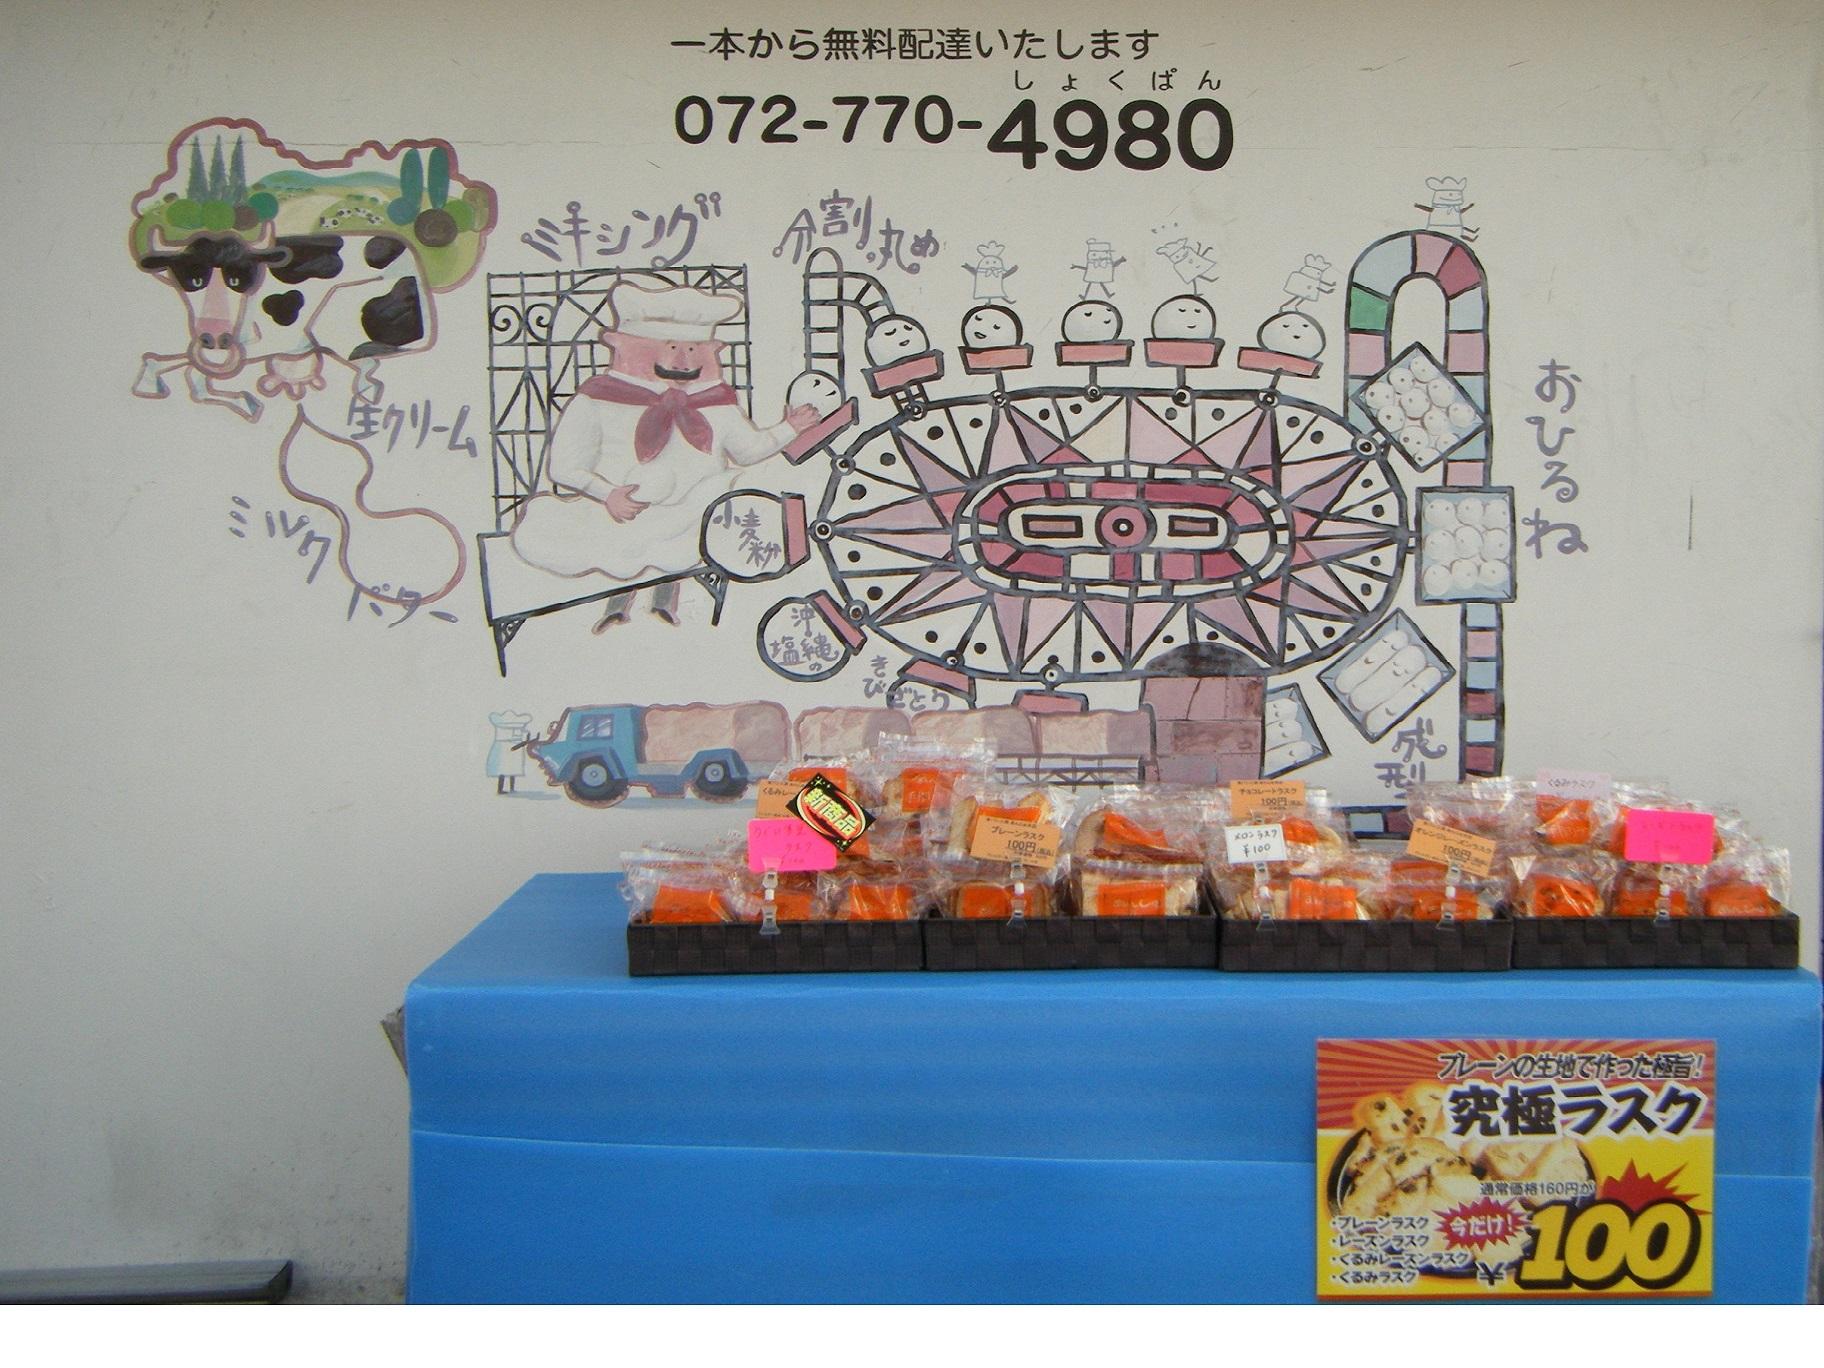 食パン工房あんじゅ本店 店舗の壁です。パンが出来るまで